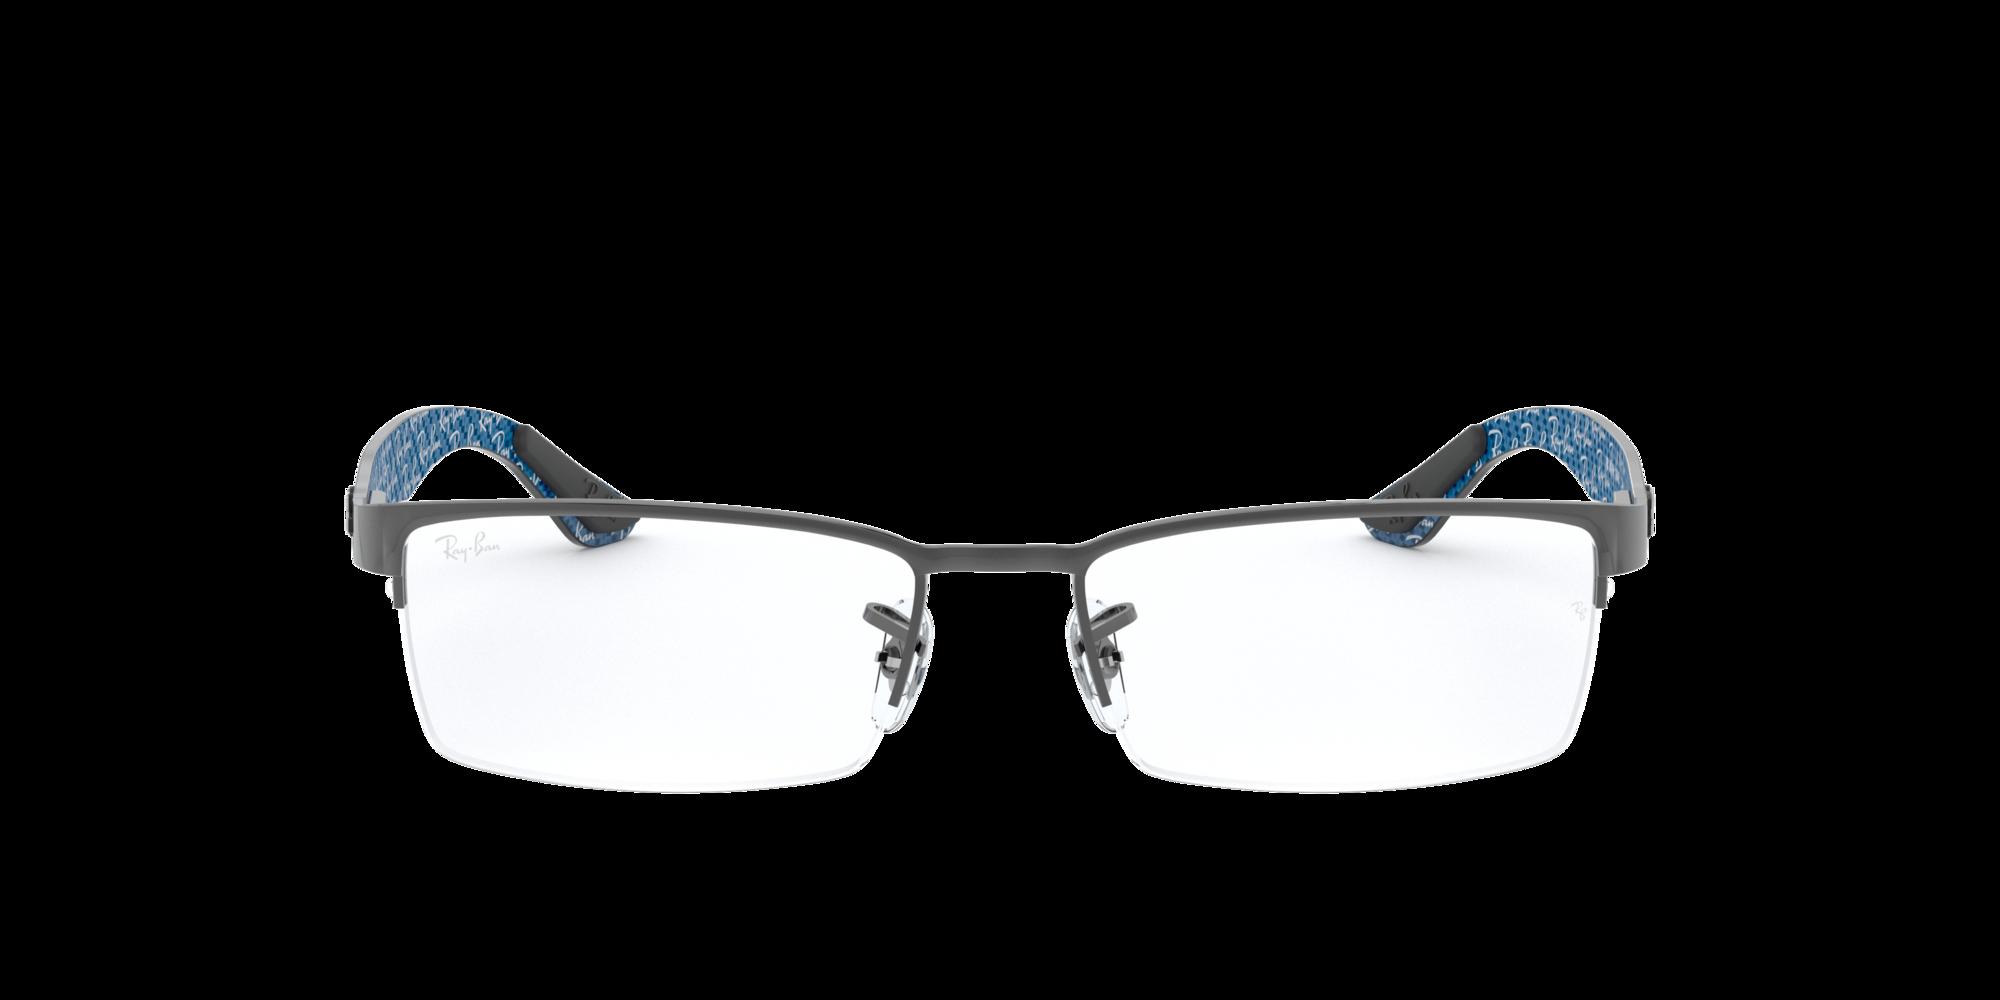 Imagen para RX8412 de LensCrafters |  Espejuelos, espejuelos graduados en línea, gafas